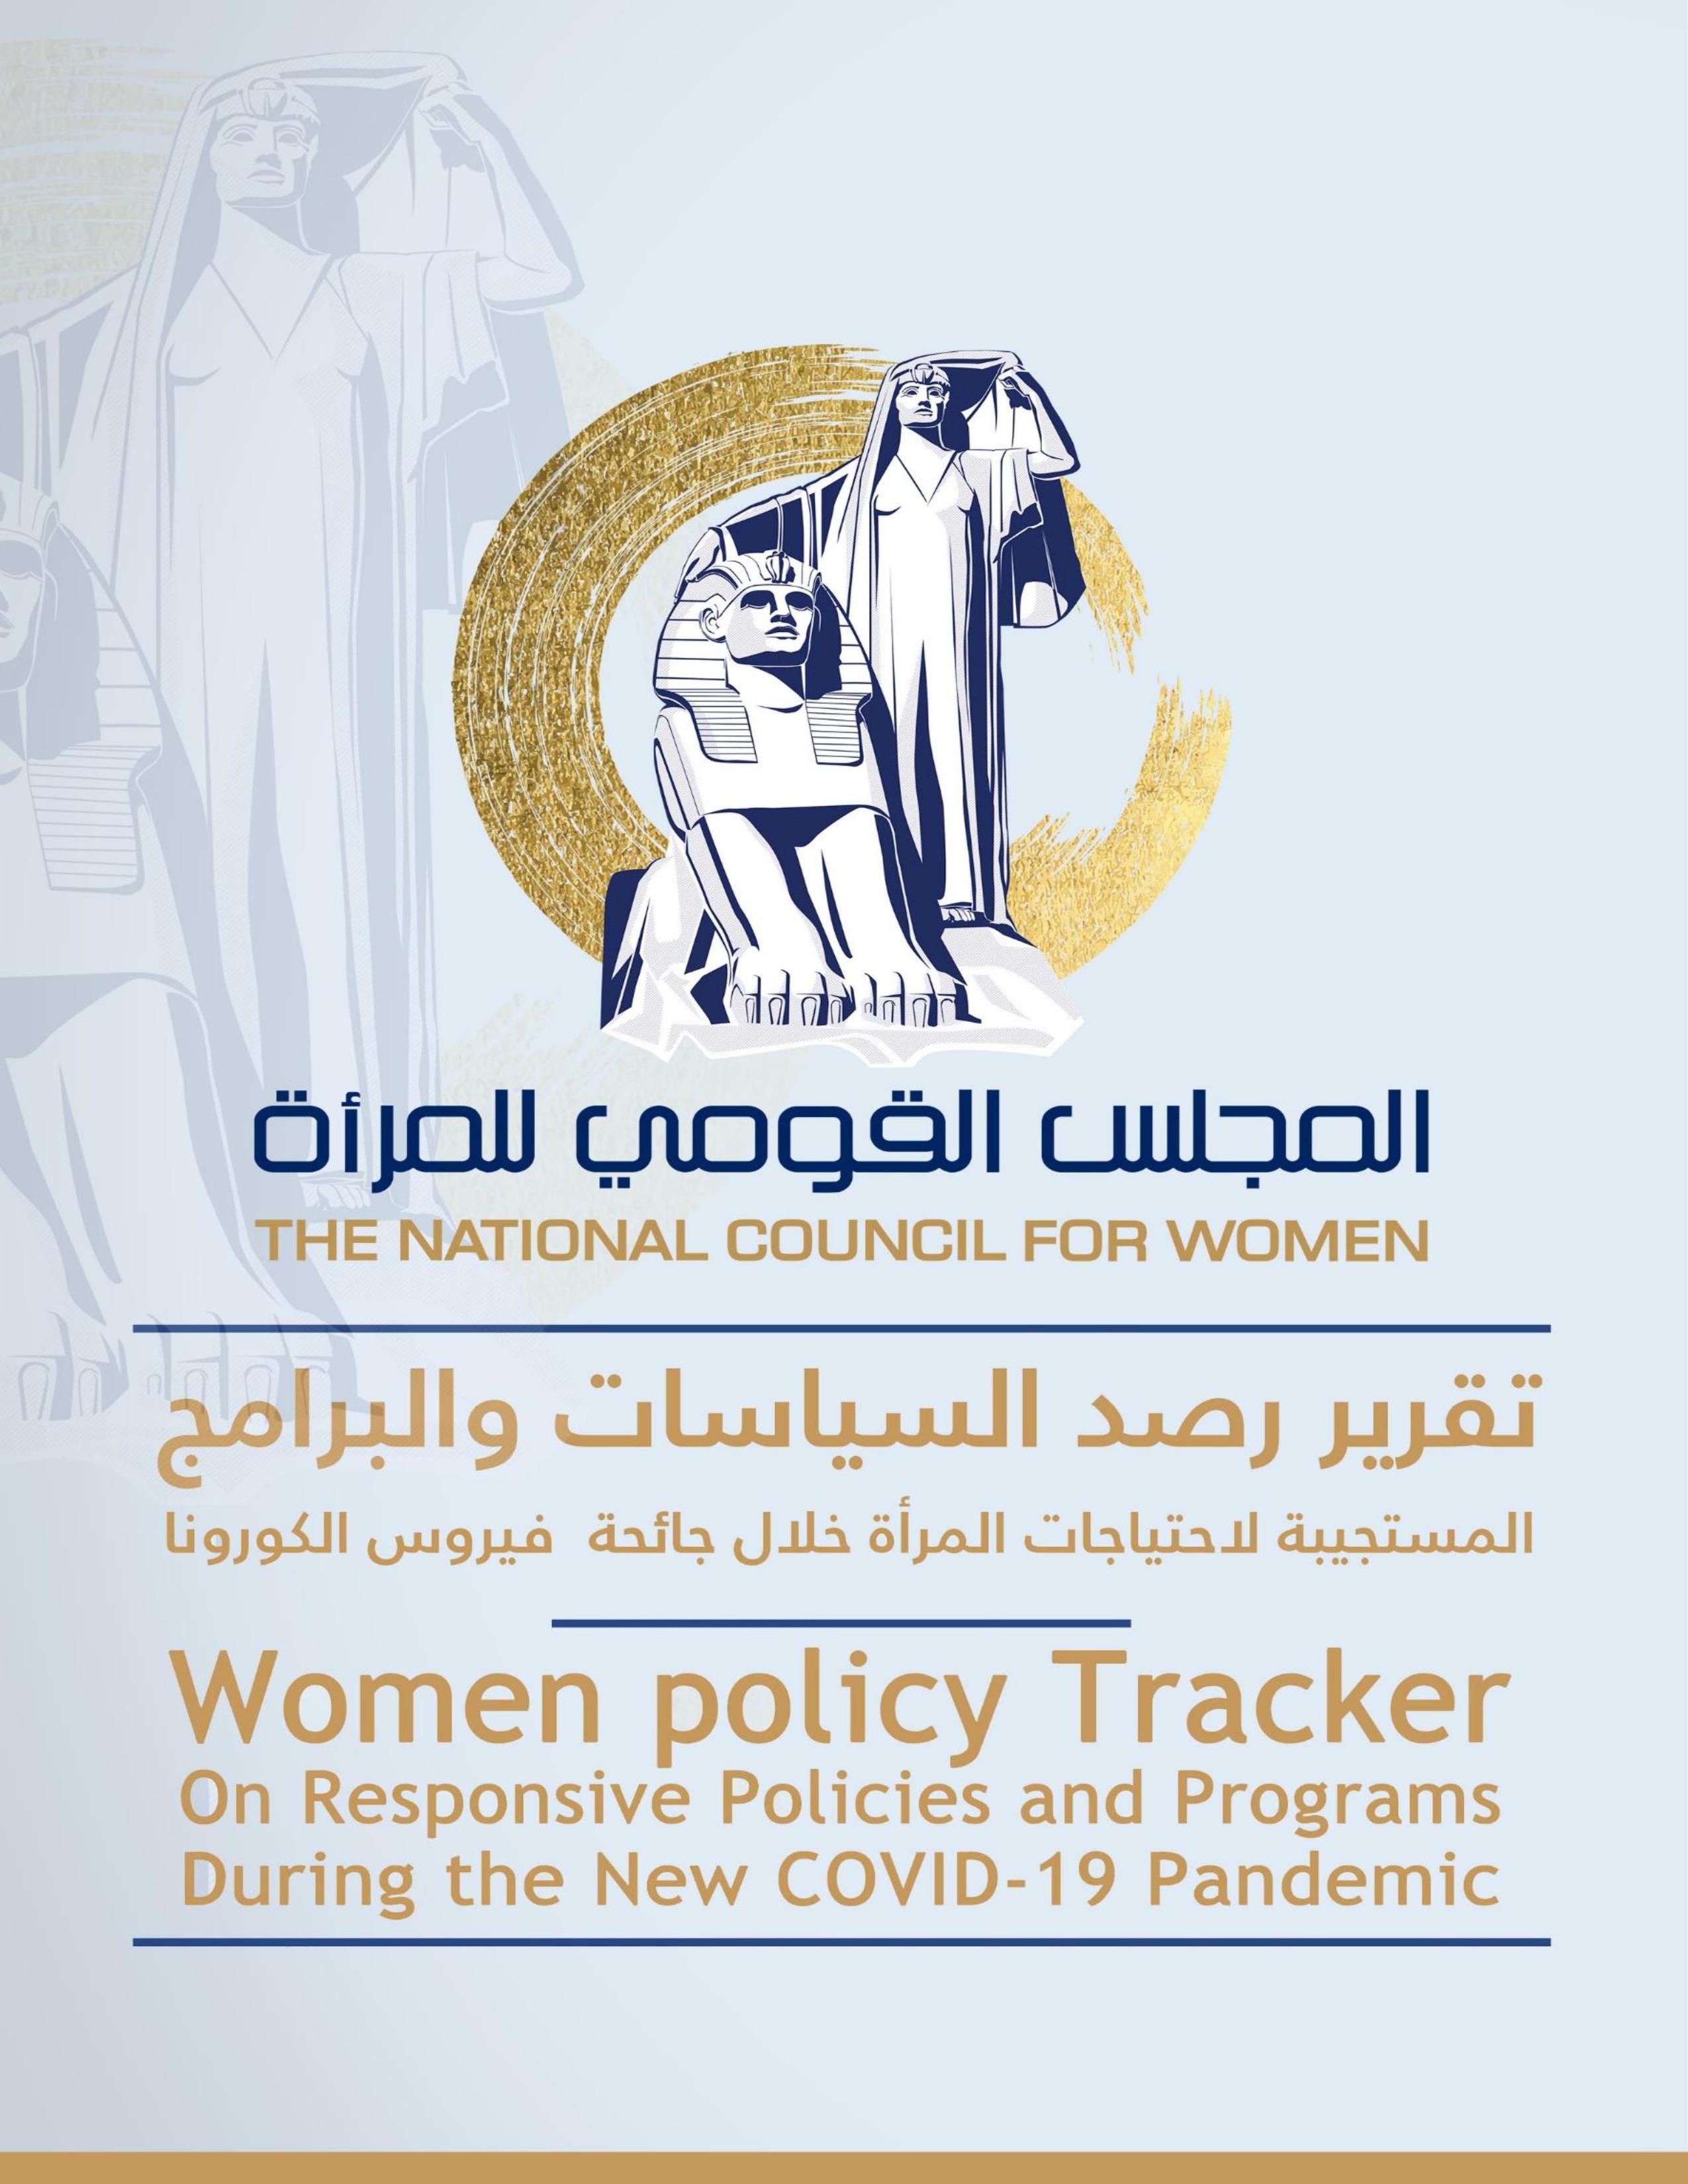 النسخة الخامسة رصد السياسات والبرامج المستجيبة لاحتياجات المرأة خلال جائحة  فيروس الكورونا